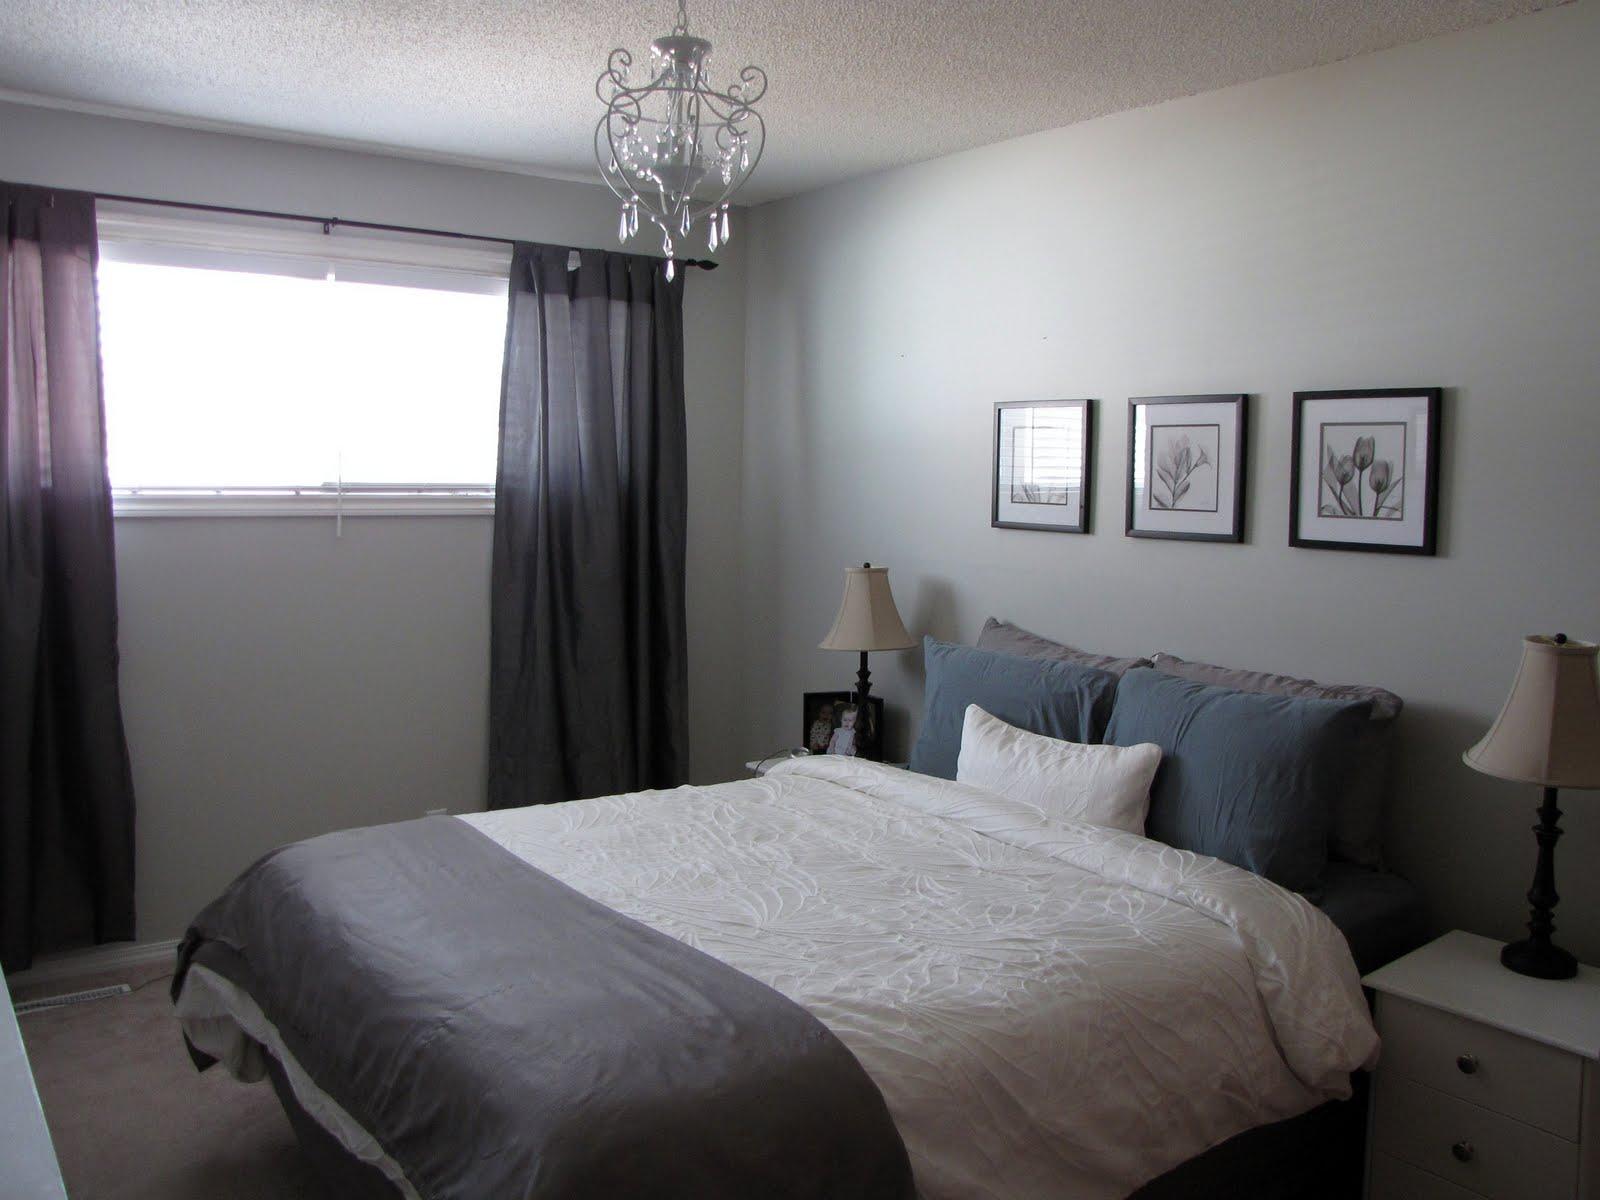 Homemaking Pilgrim: Master Bedroom Makeover - Finished! on Makeup Bedroom  id=96104